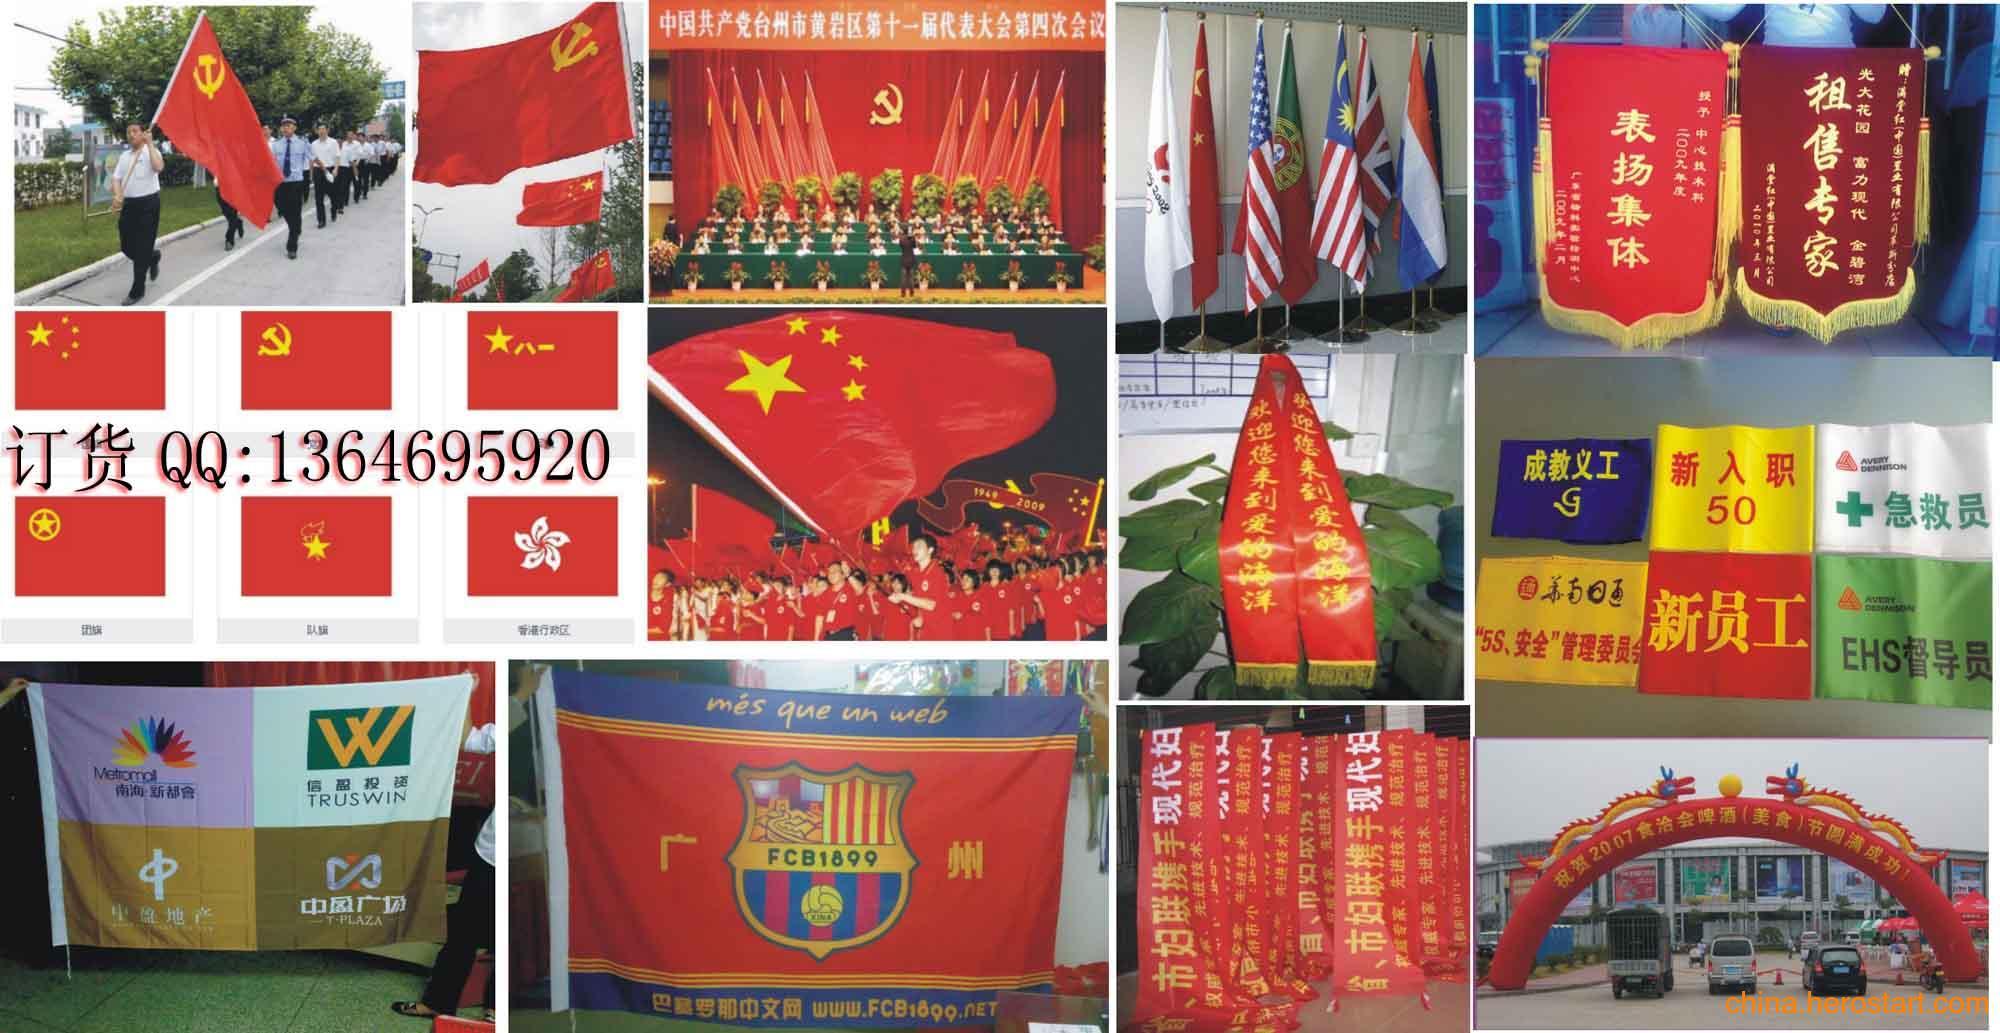 供应广州旗帜厂,广州旗帜公司,广州旗帜制作_广州市卓美工艺